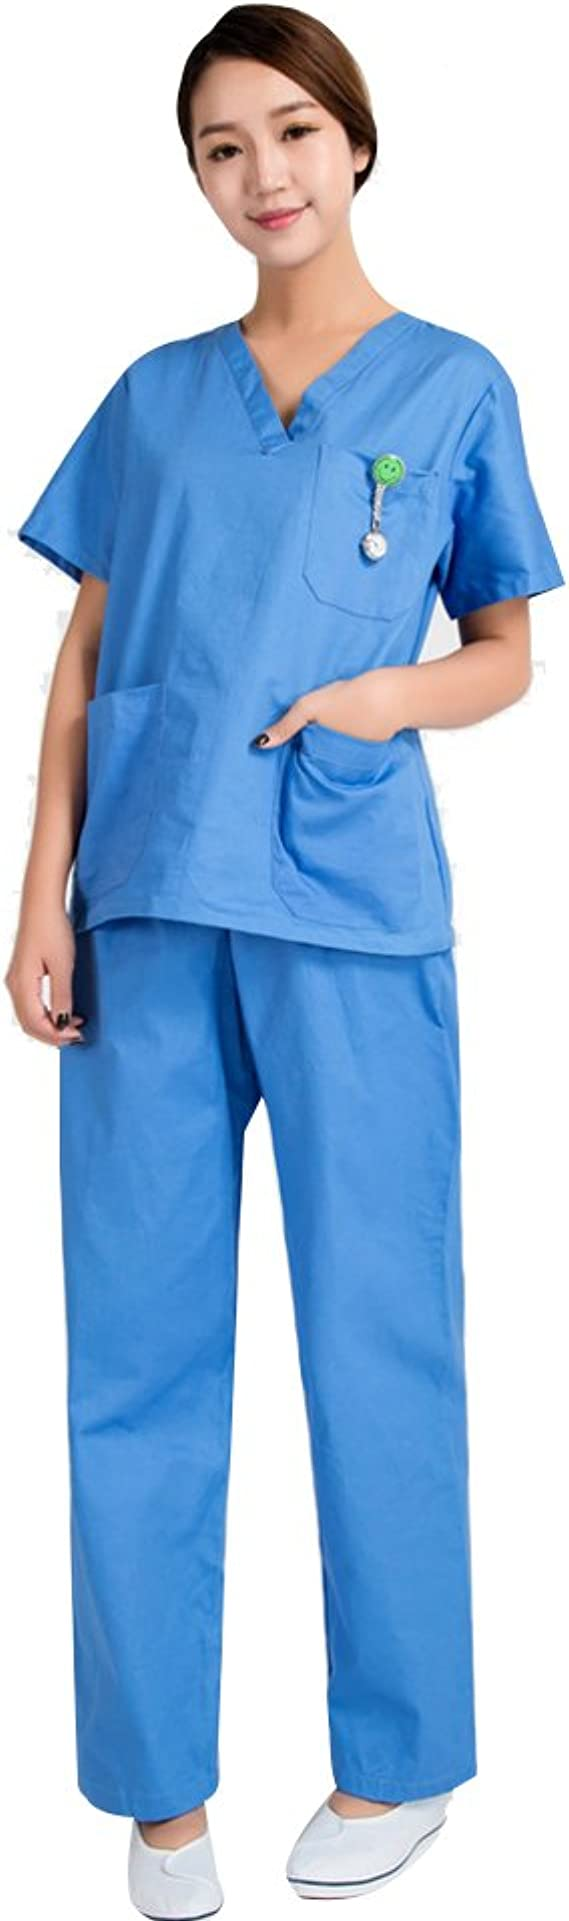 Free Fisher Camisa y Pantalón uniforme médico Unisex Mujeres Ropa para Enfermería, Azul L